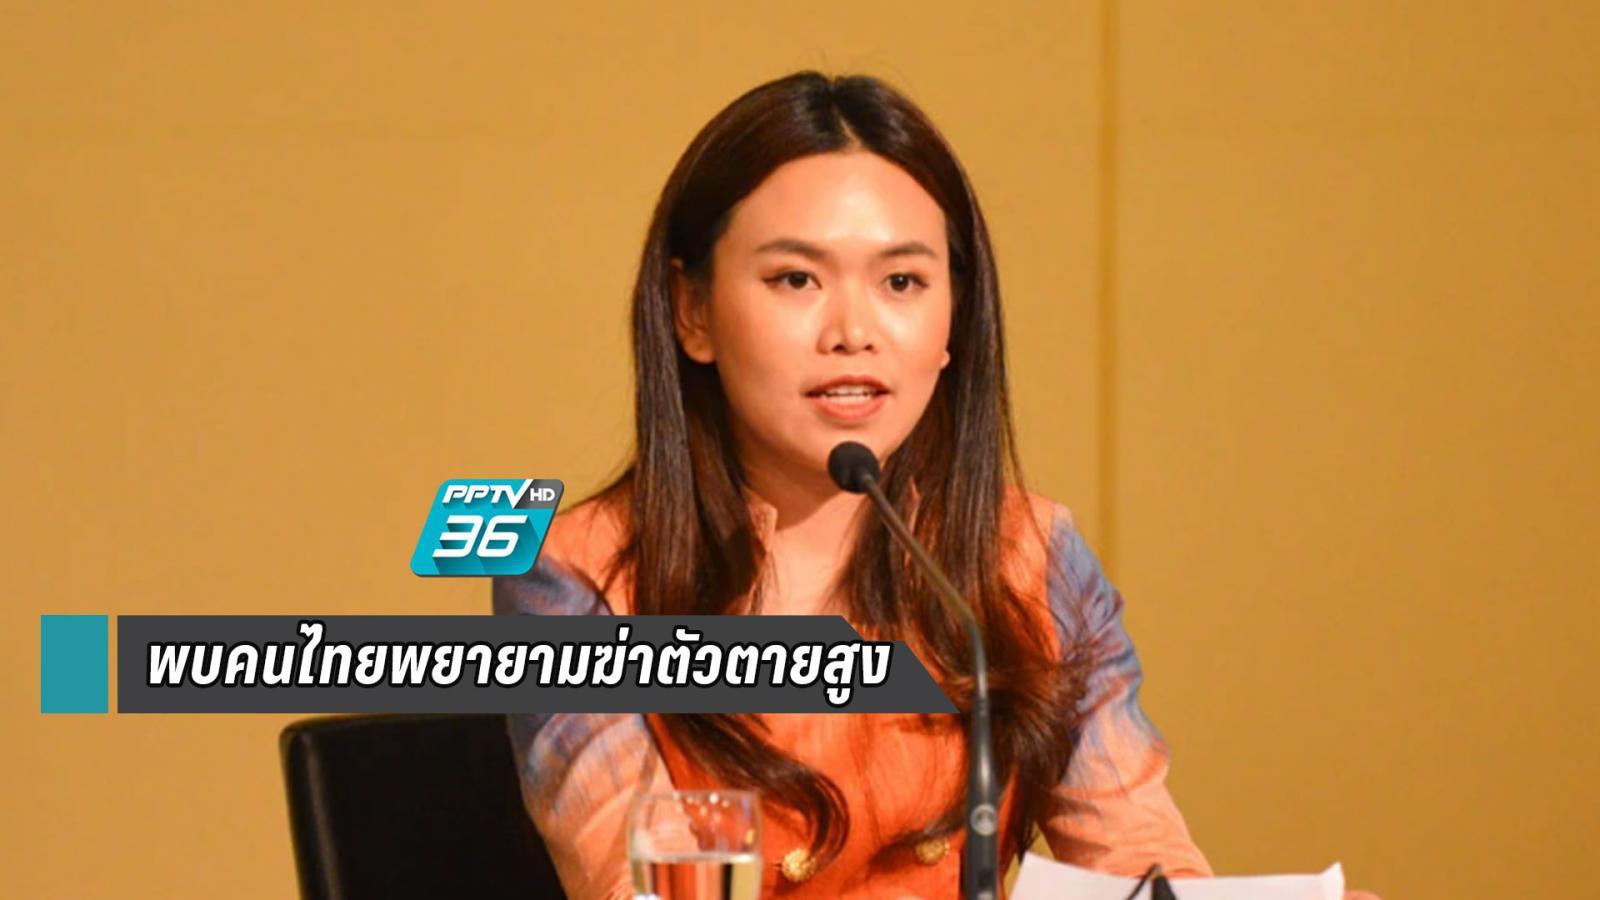 รัฐบาล ห่วงโรคซึมเศร้า หลังพบคนไทยพยายามฆ่าตัวตายปีละ 5.3 หมื่นคน